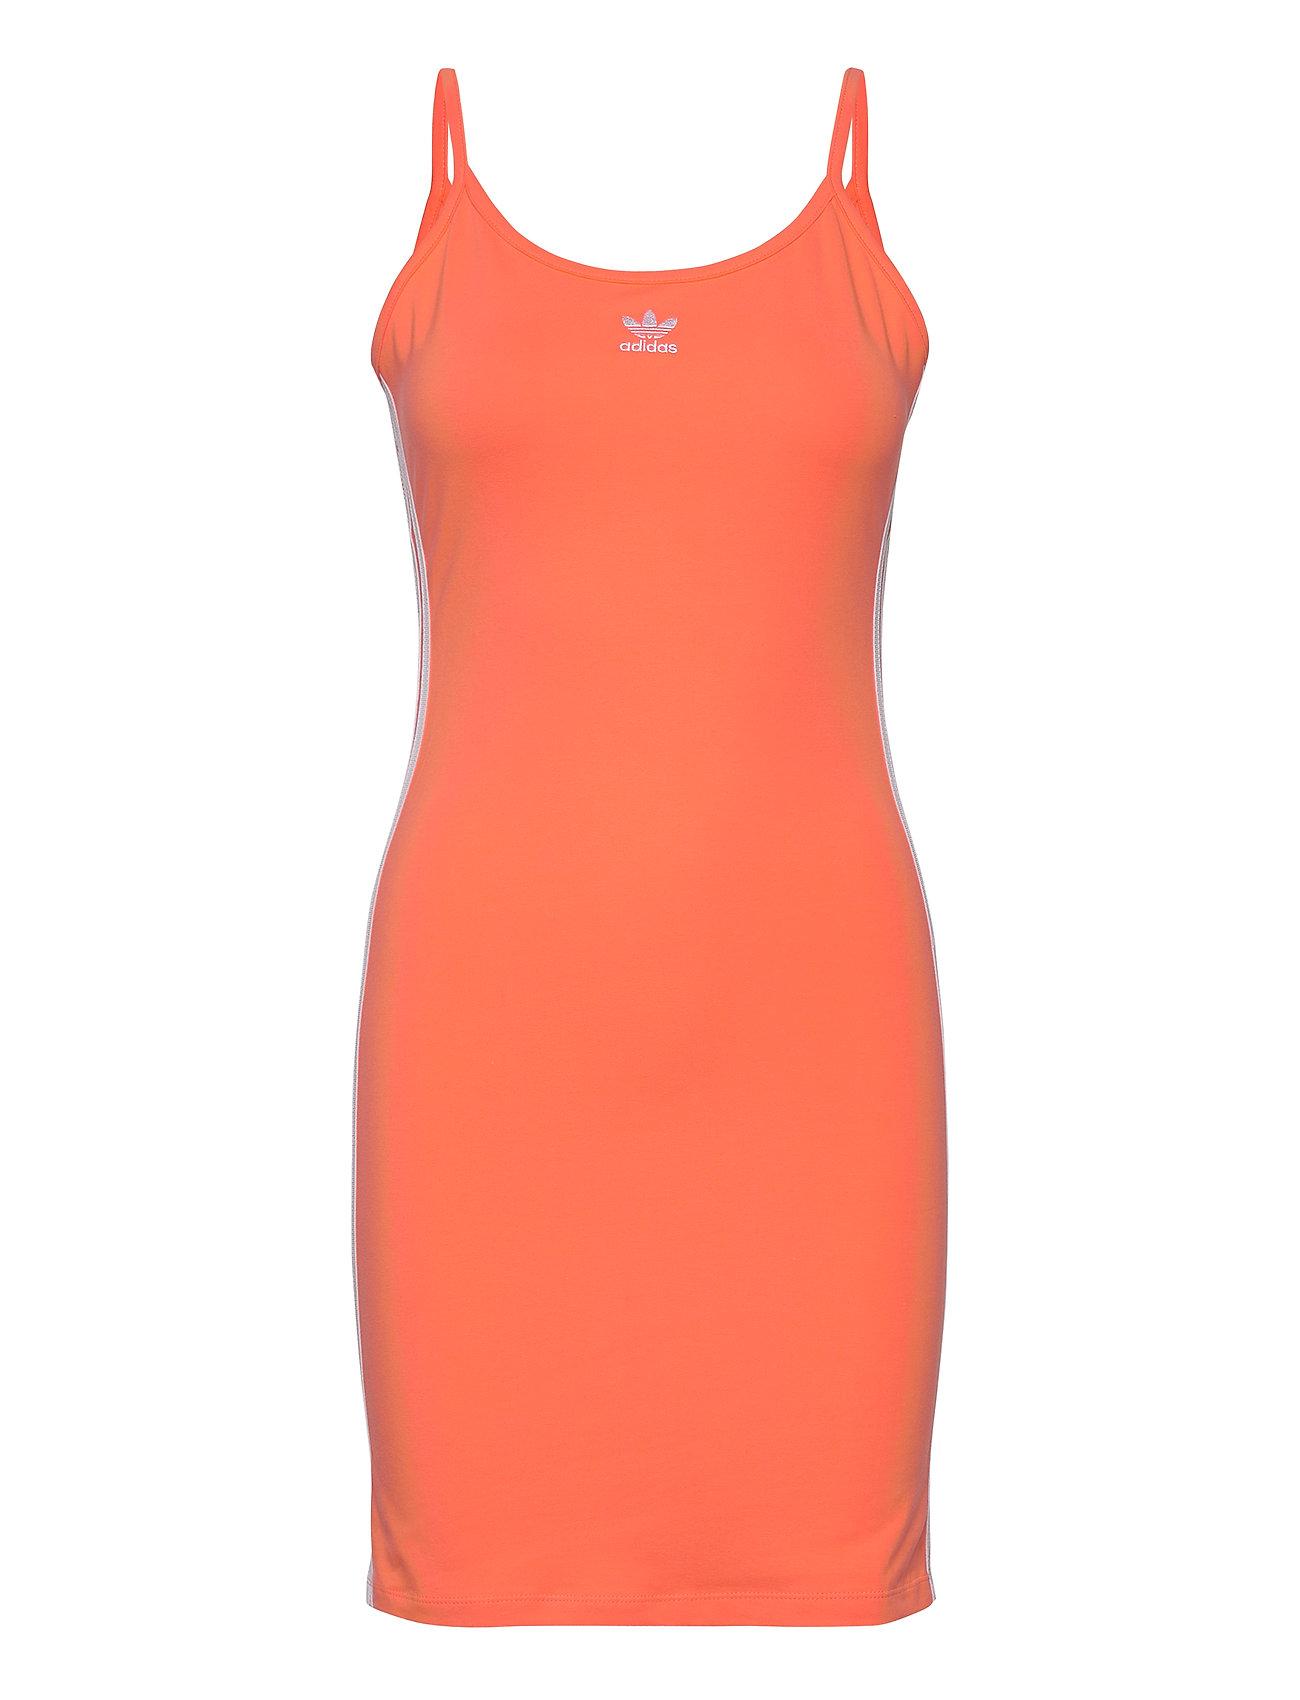 adidas Originals Tank Dress (Semcor